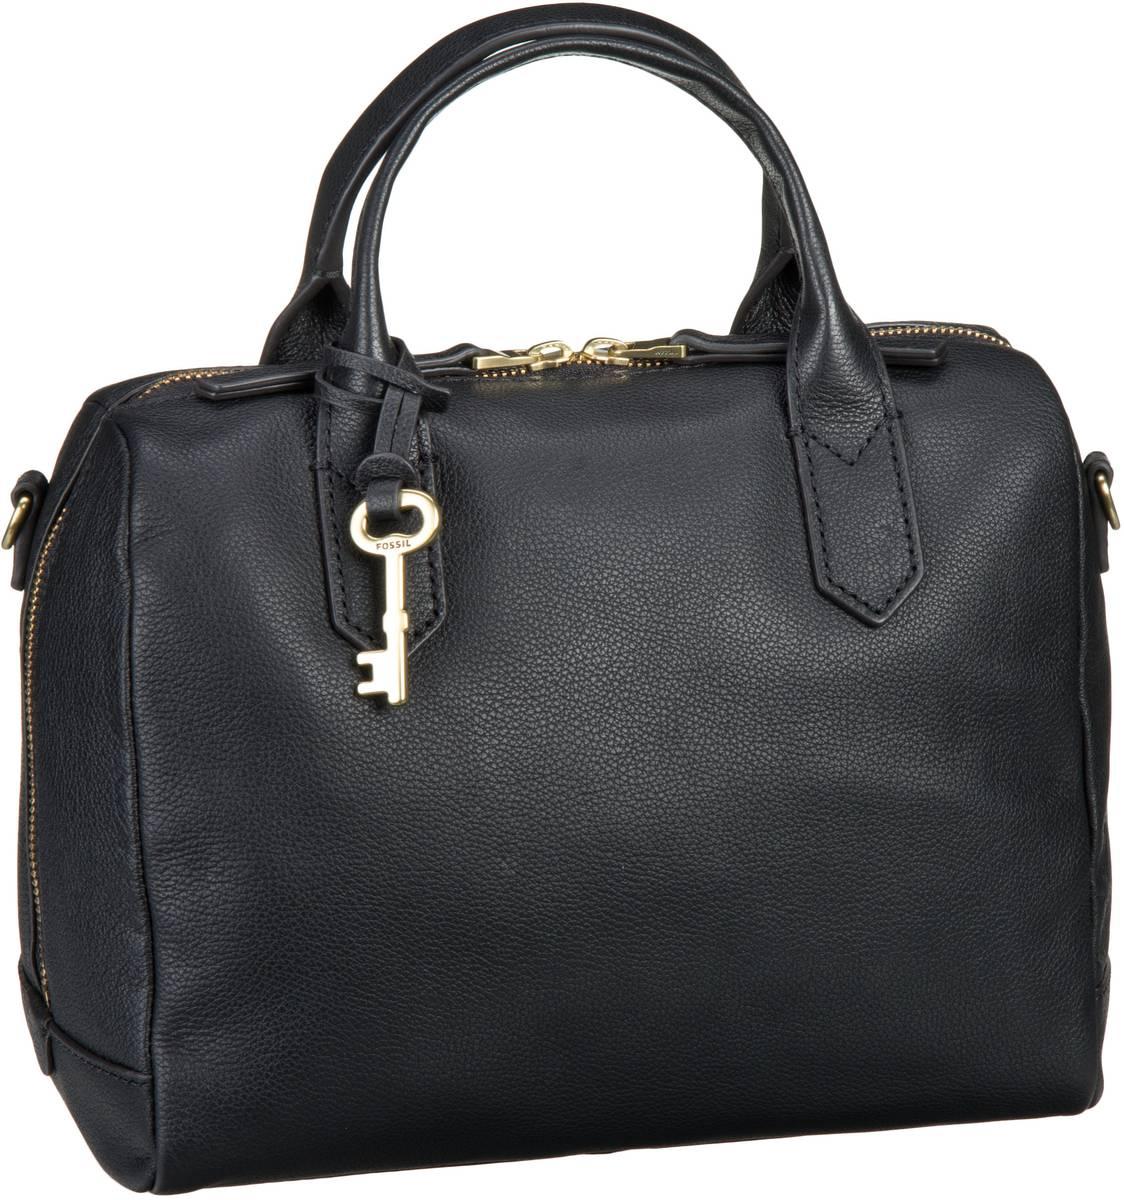 Handtaschen für Frauen - Fossil Handtasche Fiona Satchel Black  - Onlineshop Taschenkaufhaus